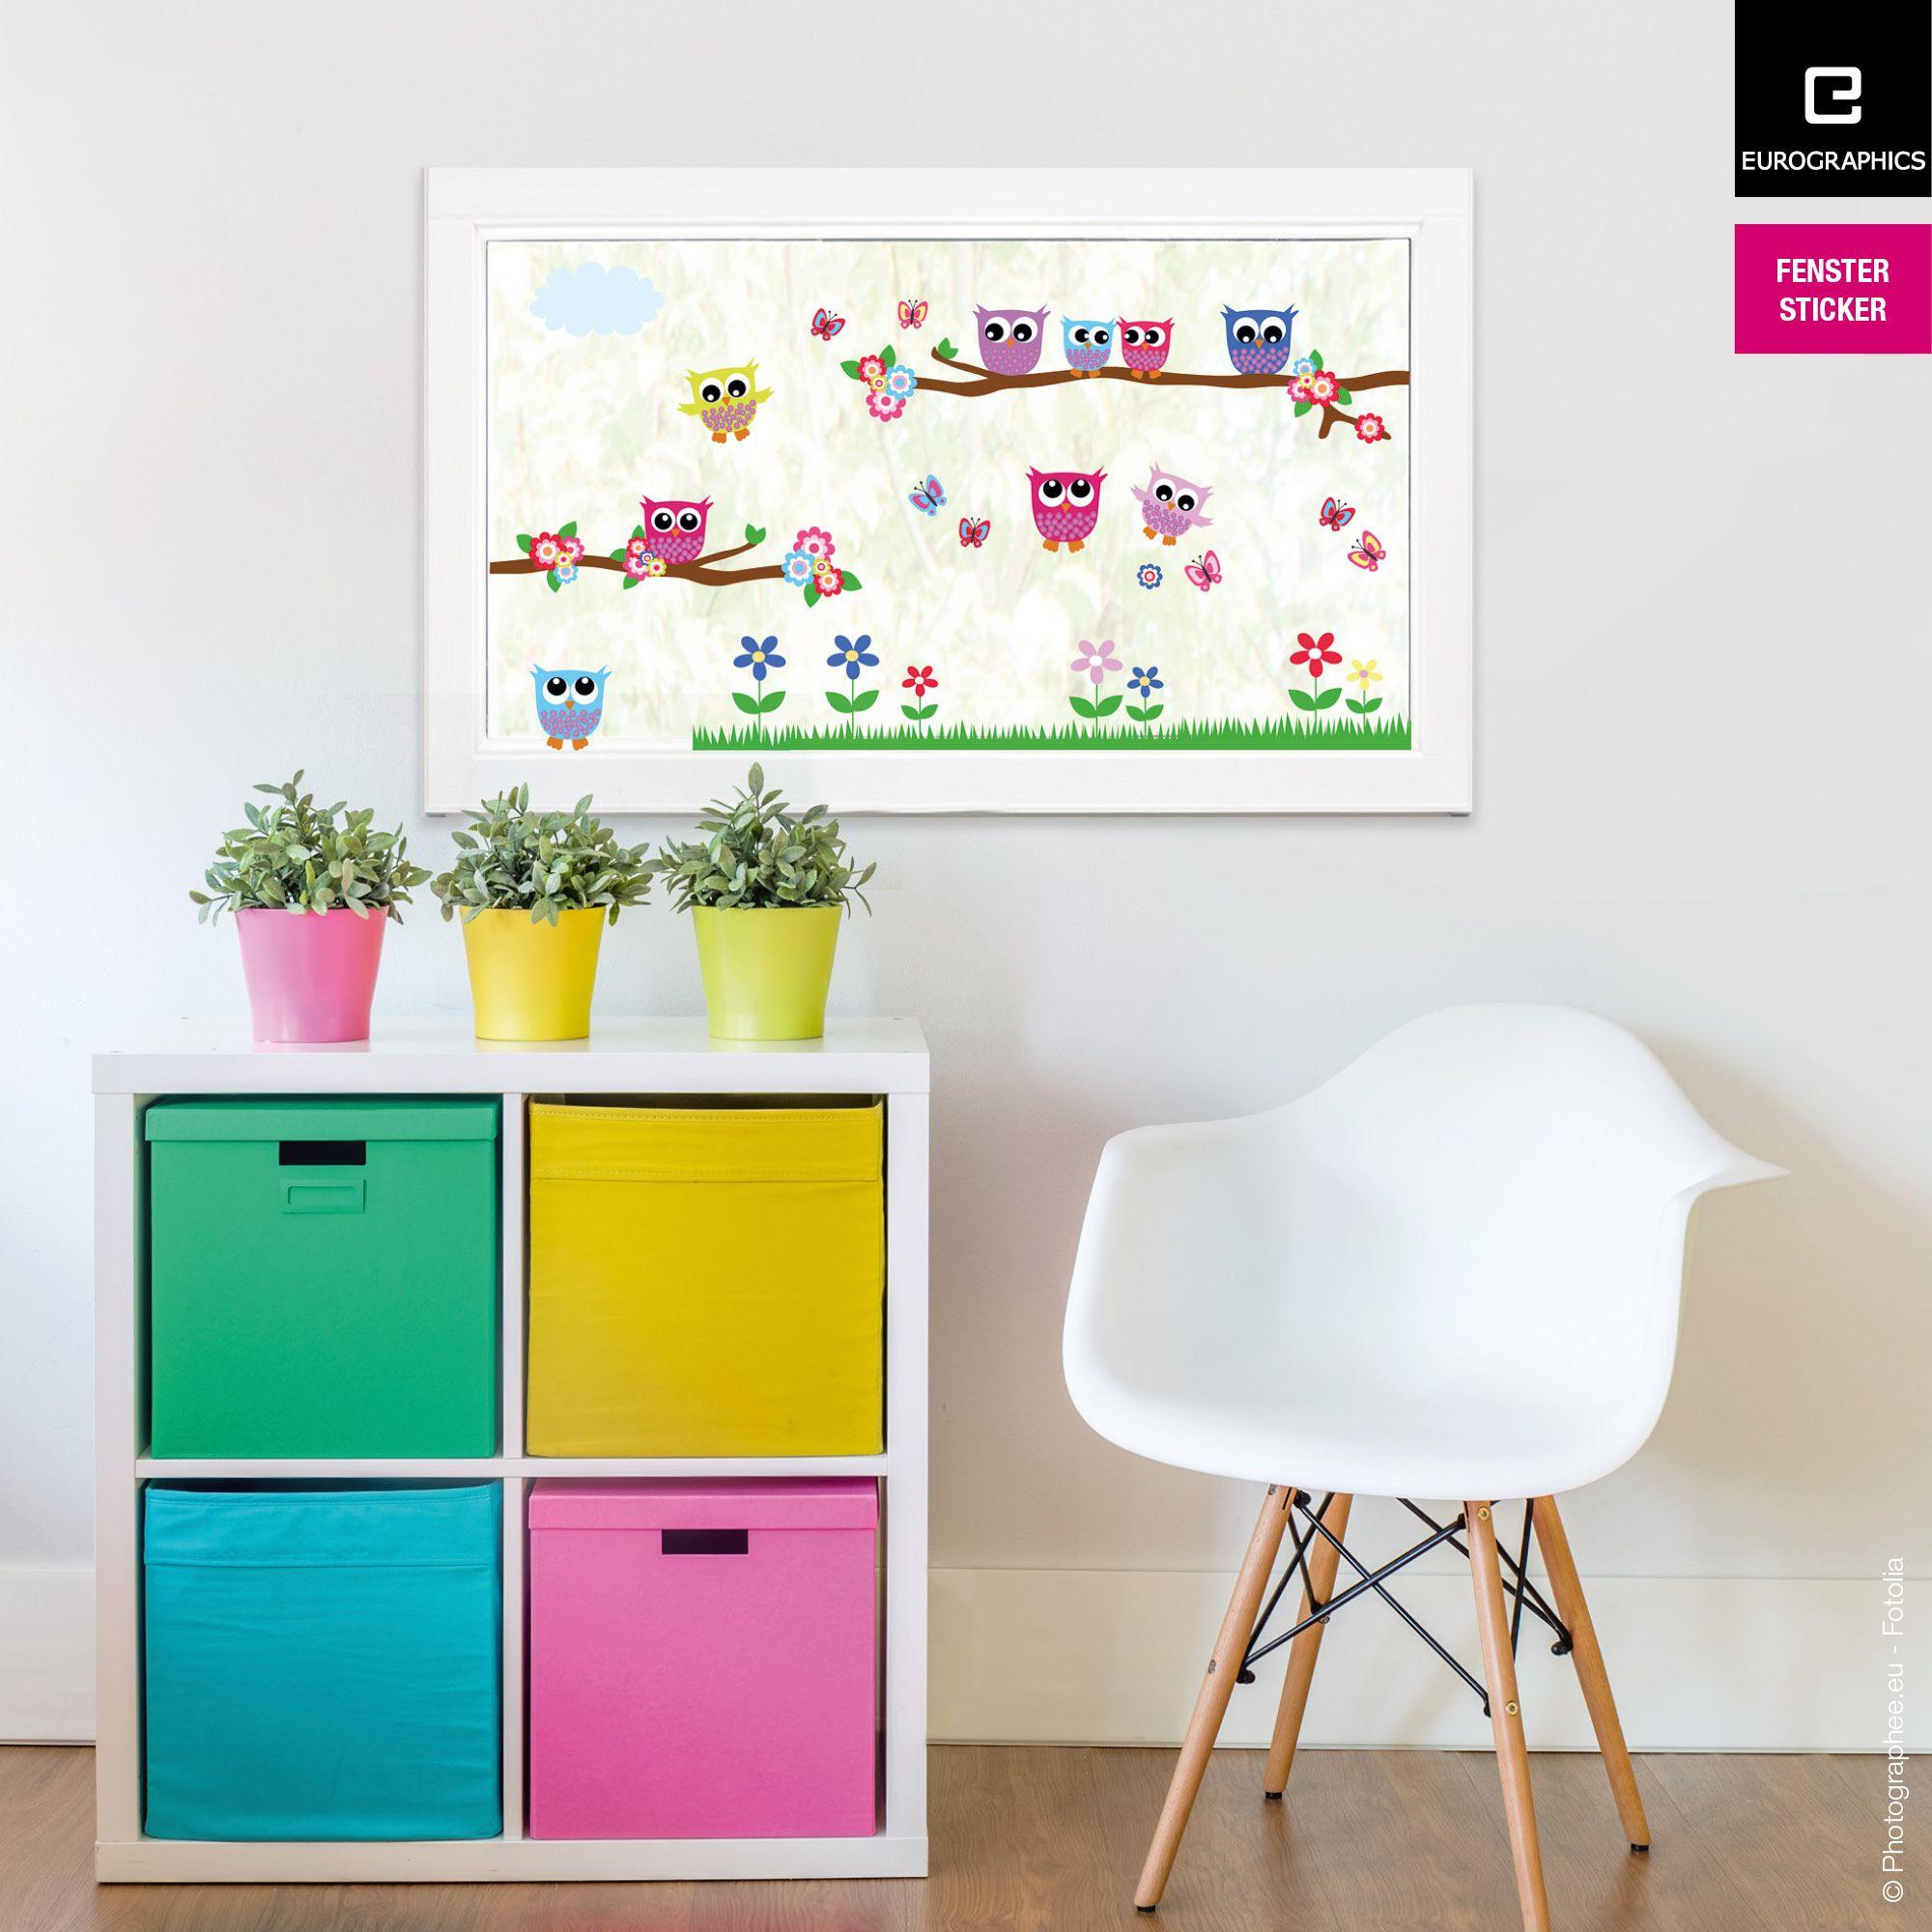 Pin von Eurographics auf Sticker Wand & Fenster | Pinterest ...